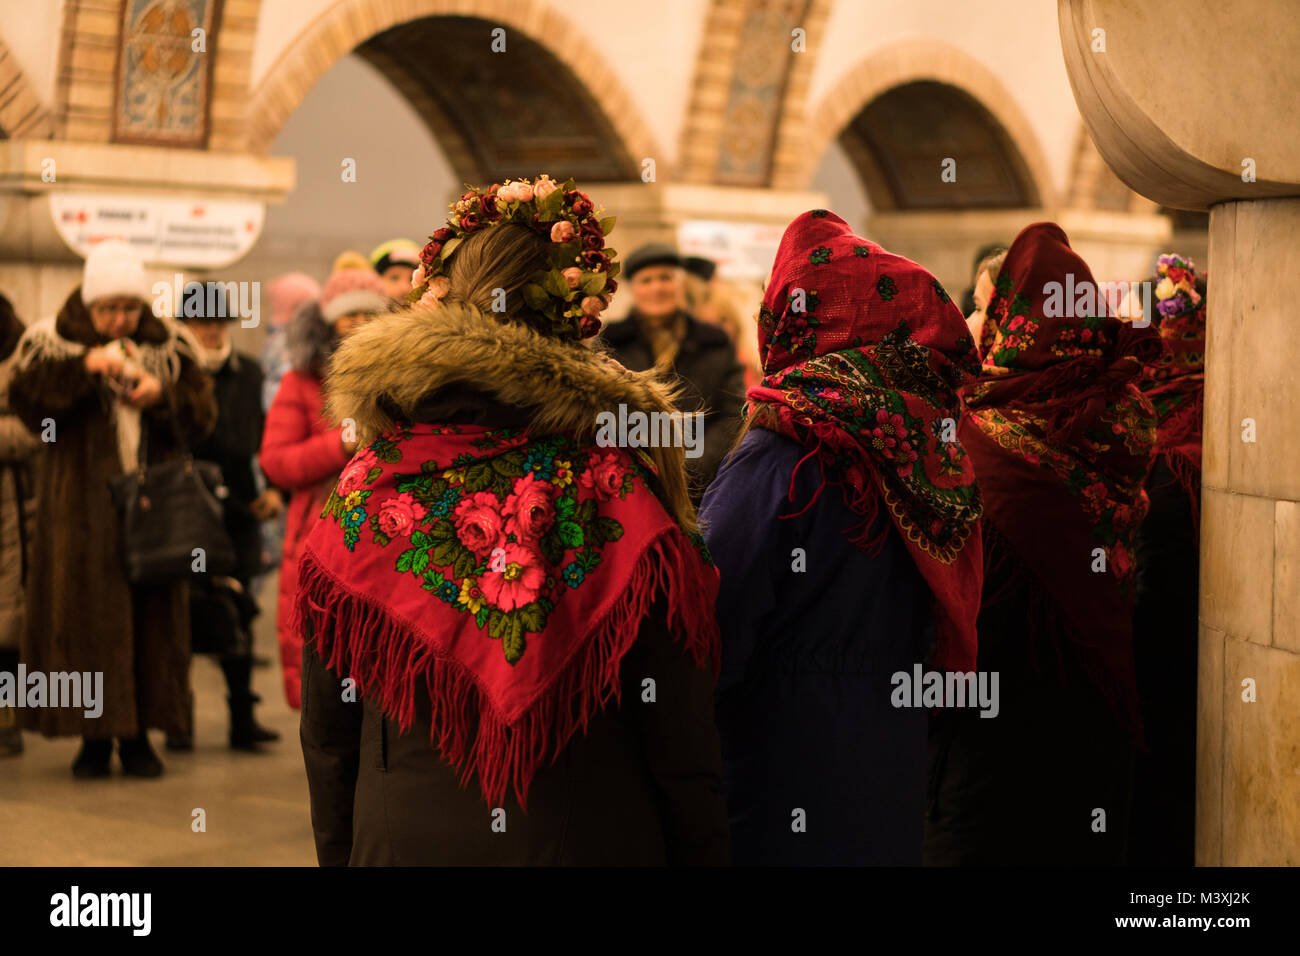 Kiew, Ukraine - 14 JAN: Die jungen Mädchen in der Ukrainischen ...